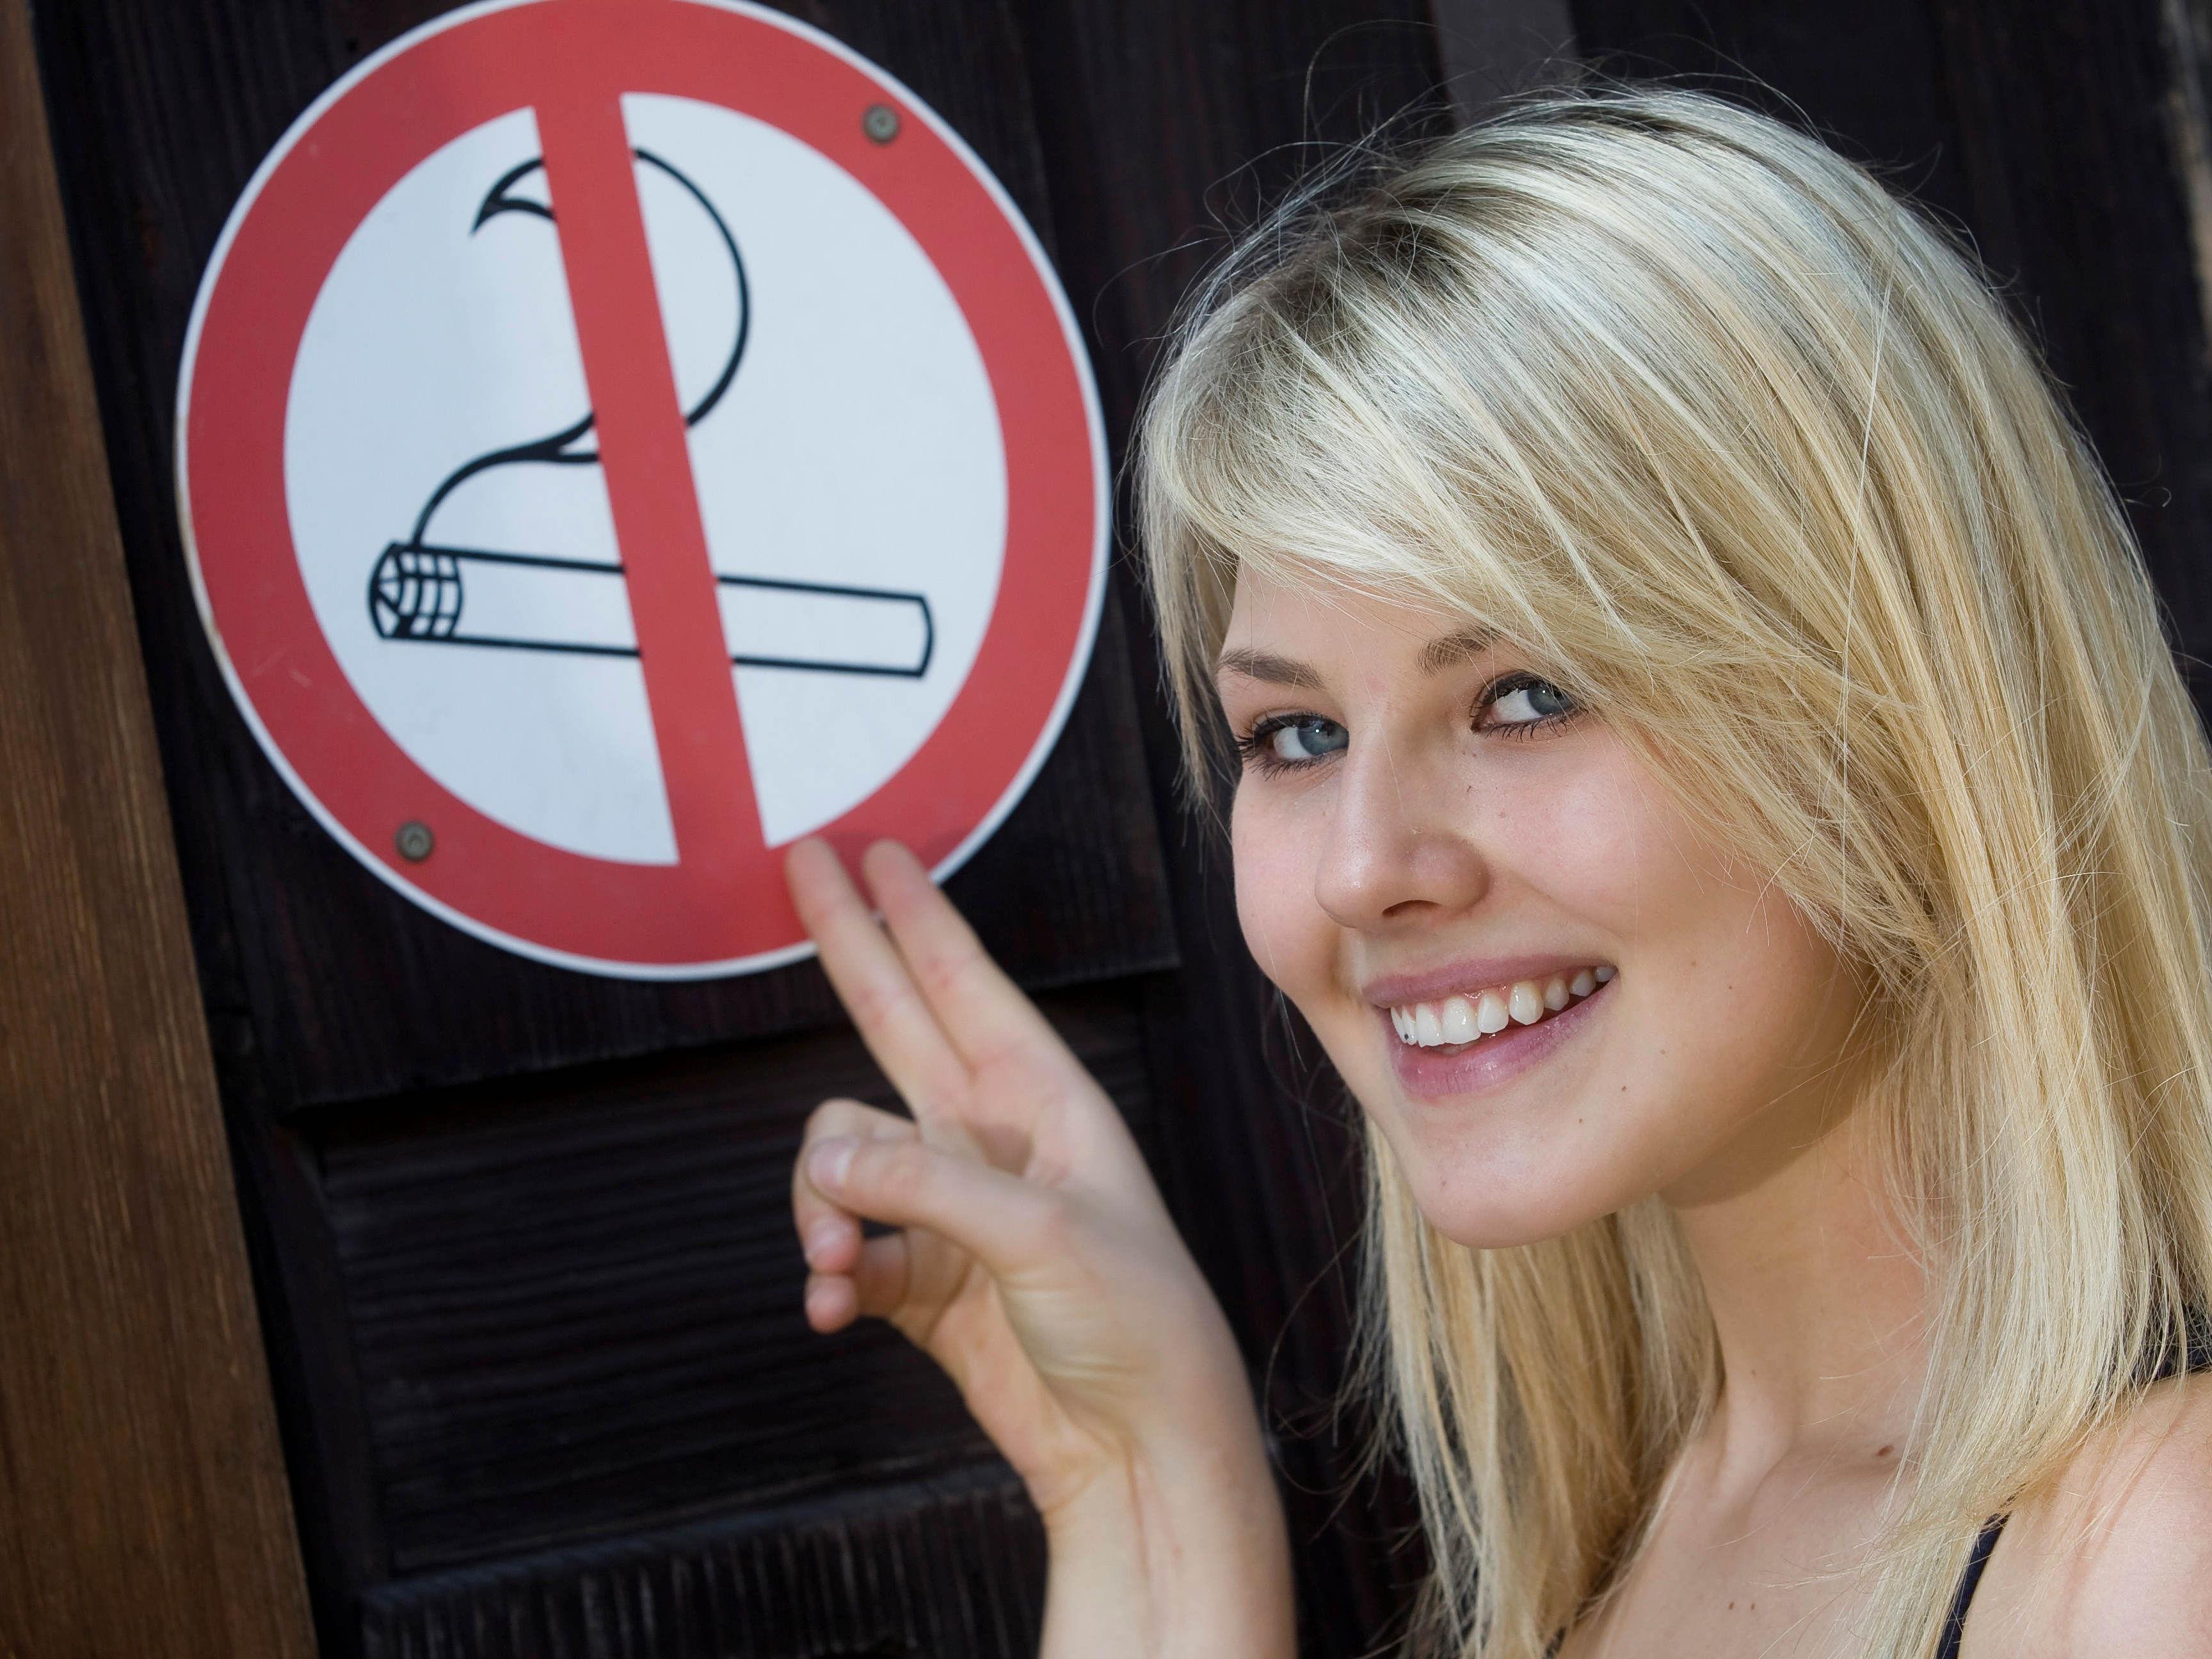 Neue Forderung: Im Freien darf nicht neben Kindern oder Nichtrauchern geraucht werden.